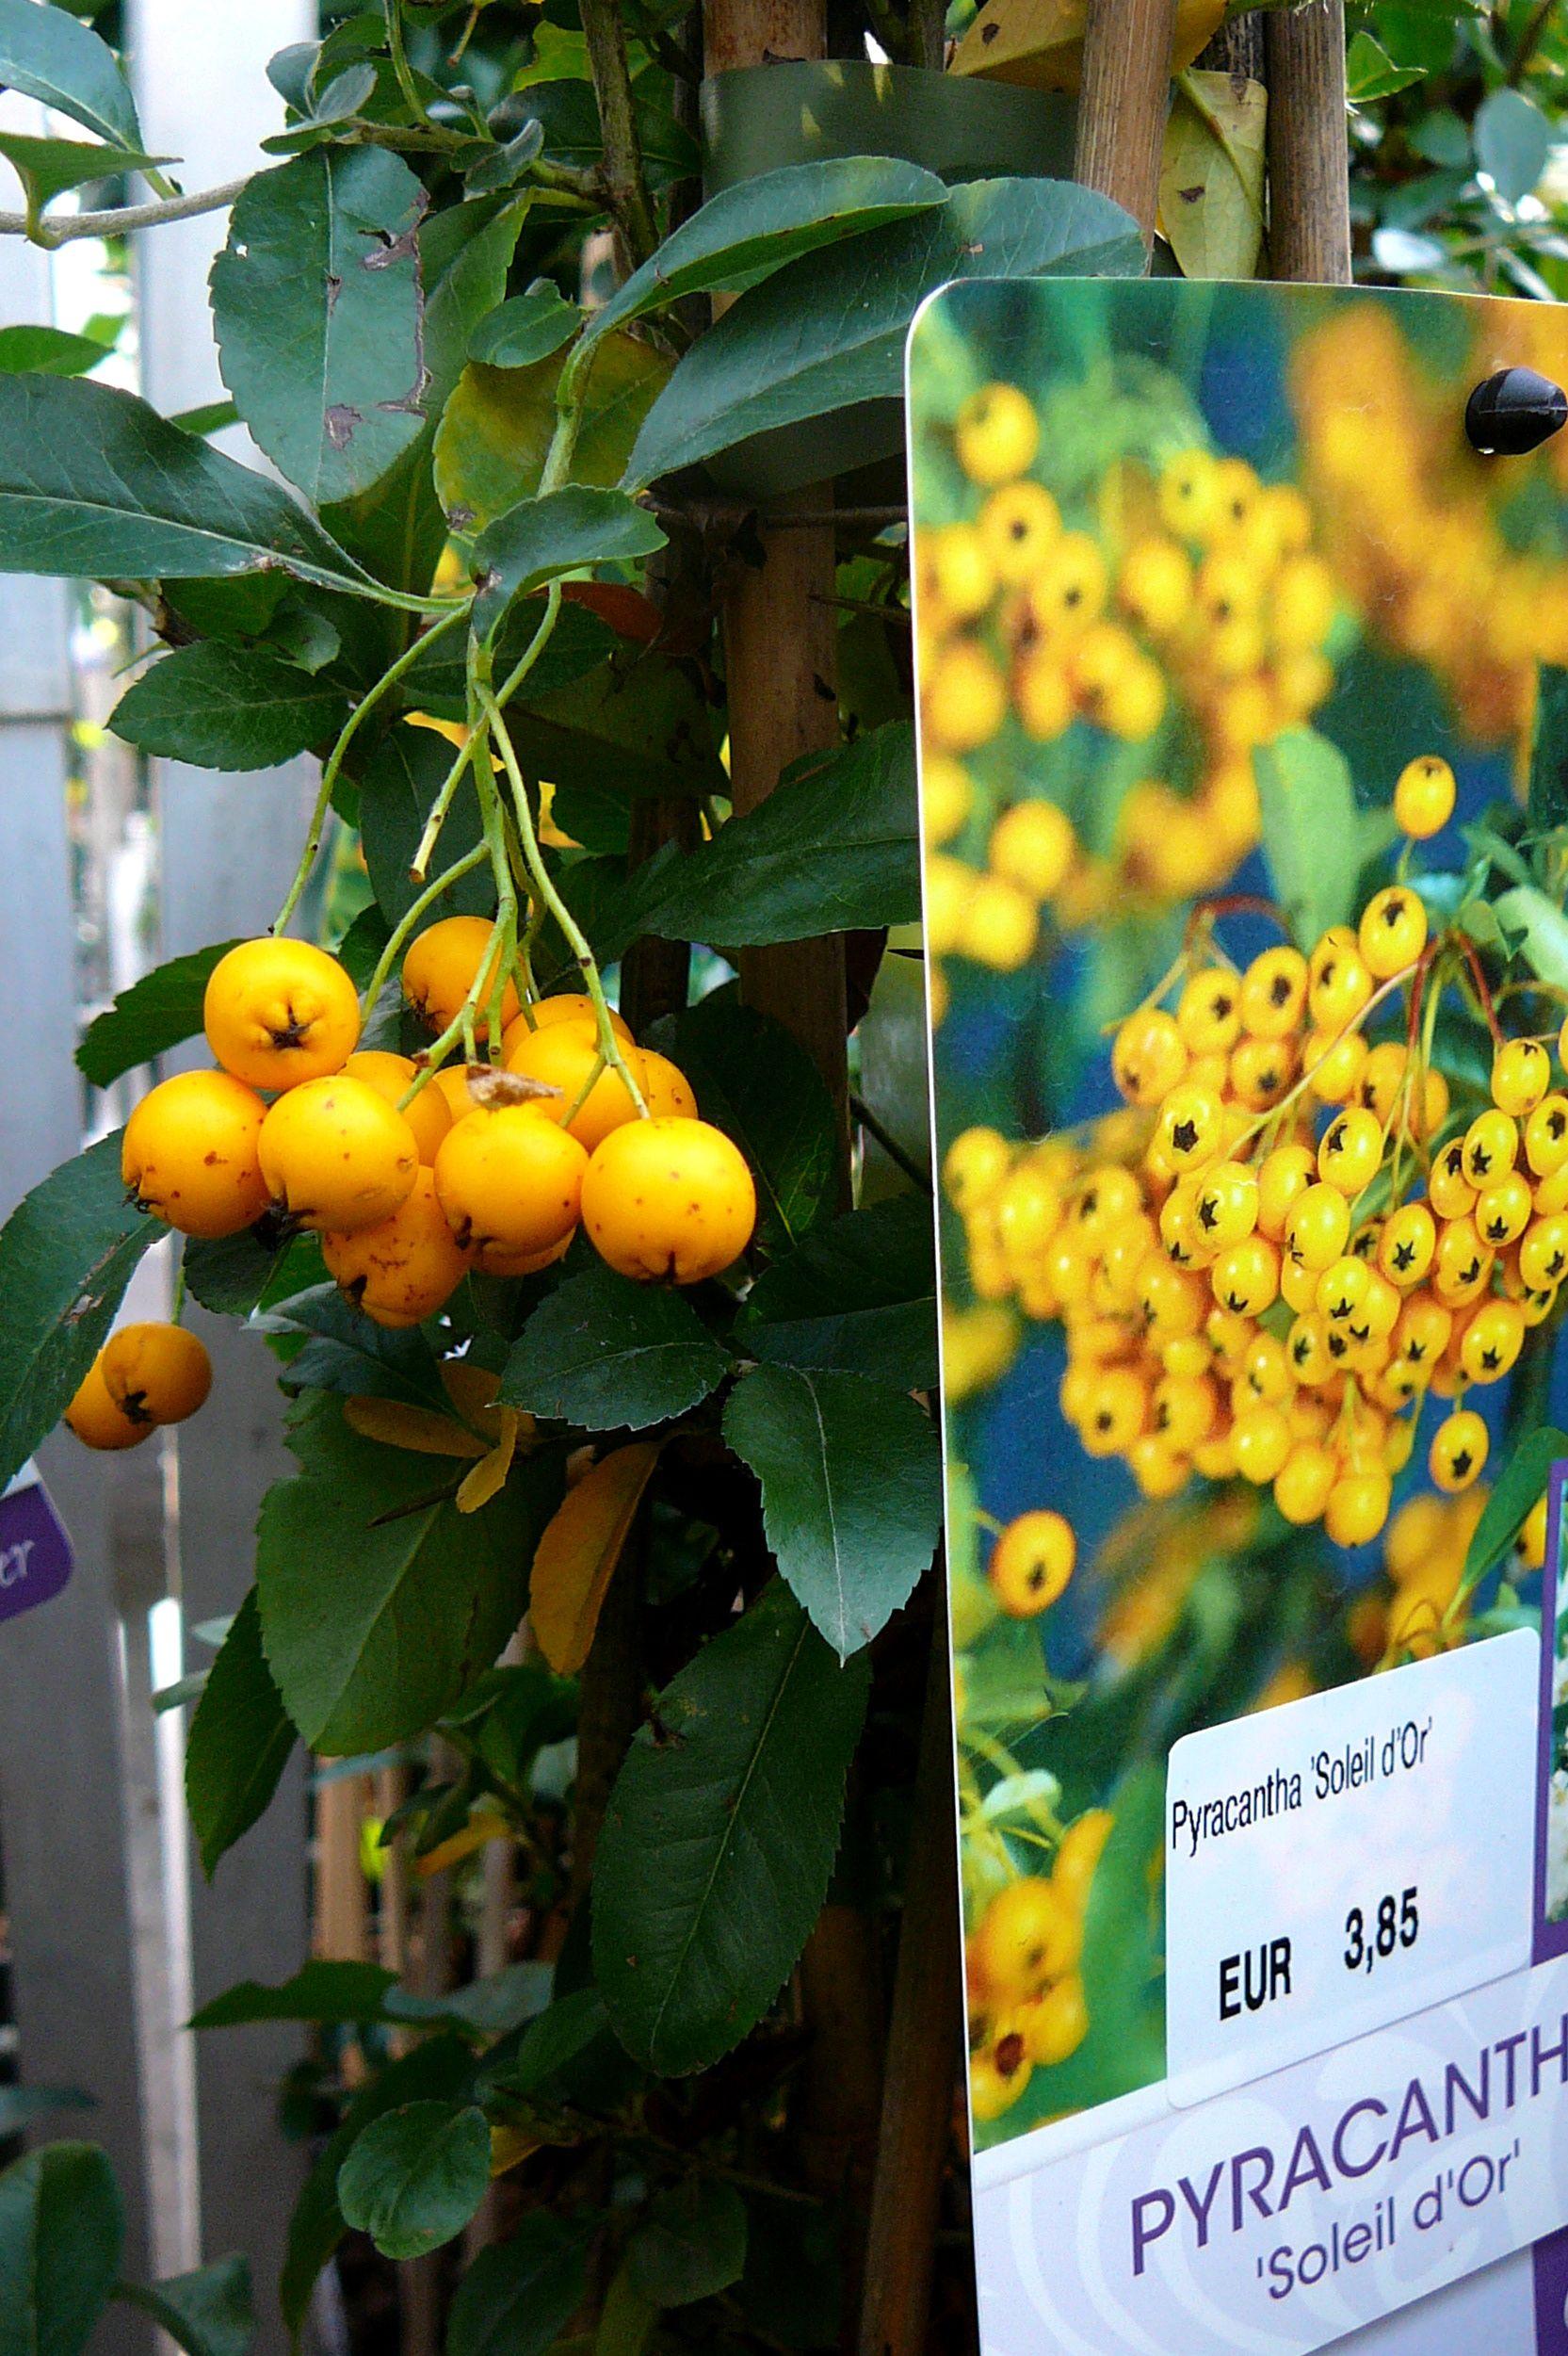 Pyracantha Soleil D Or Vuurdoorn Planten Siergrassen Bessen